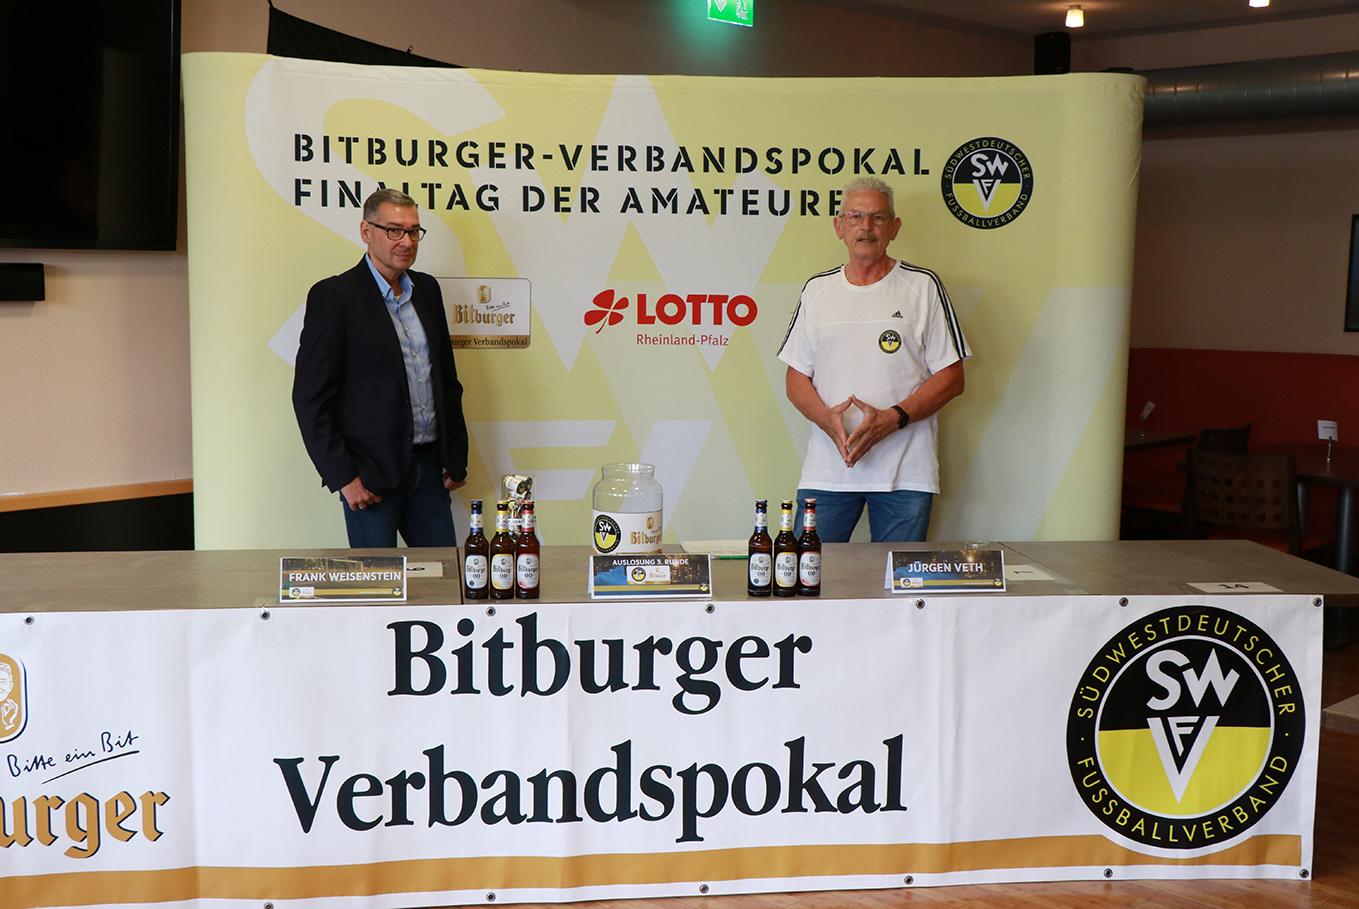 Auslosung der 3. Runde im Bitburger Verbandspokal 2020/21